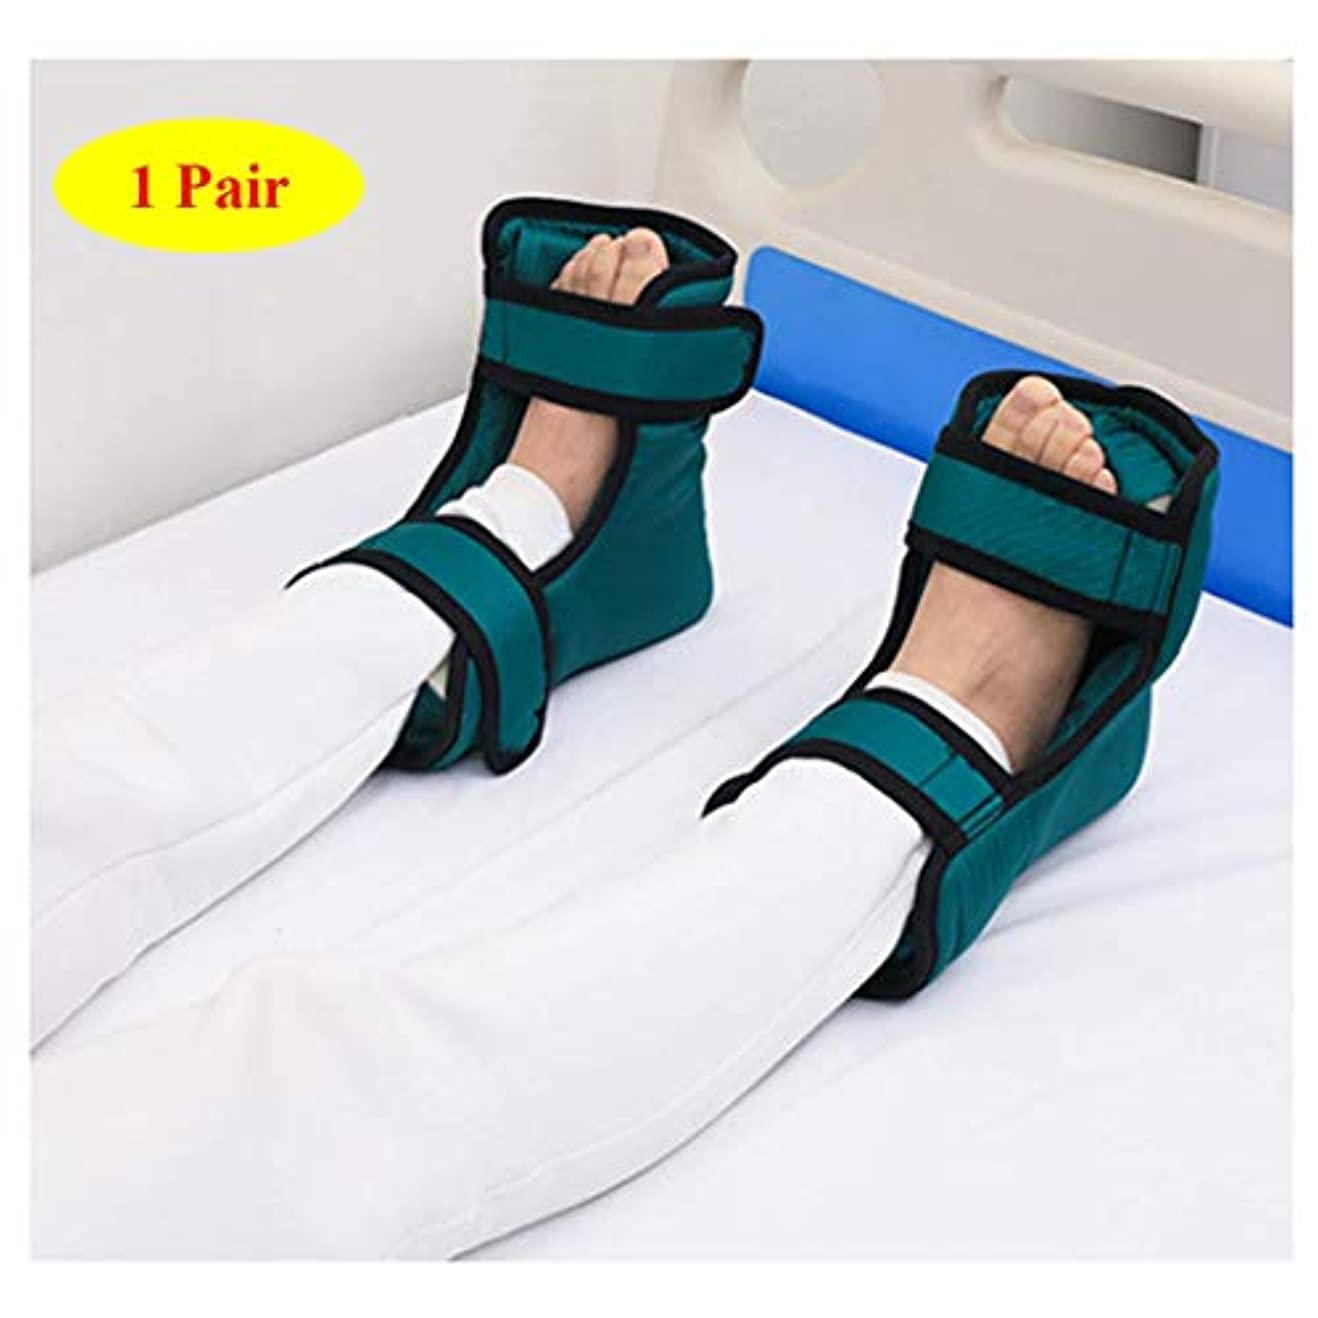 ウェーハ分泌する楽しませる床ずれ防止ヒールプロテクター枕、患者ケアヒールパッド足首プロテクタークッション、効果的なPressure瘡。